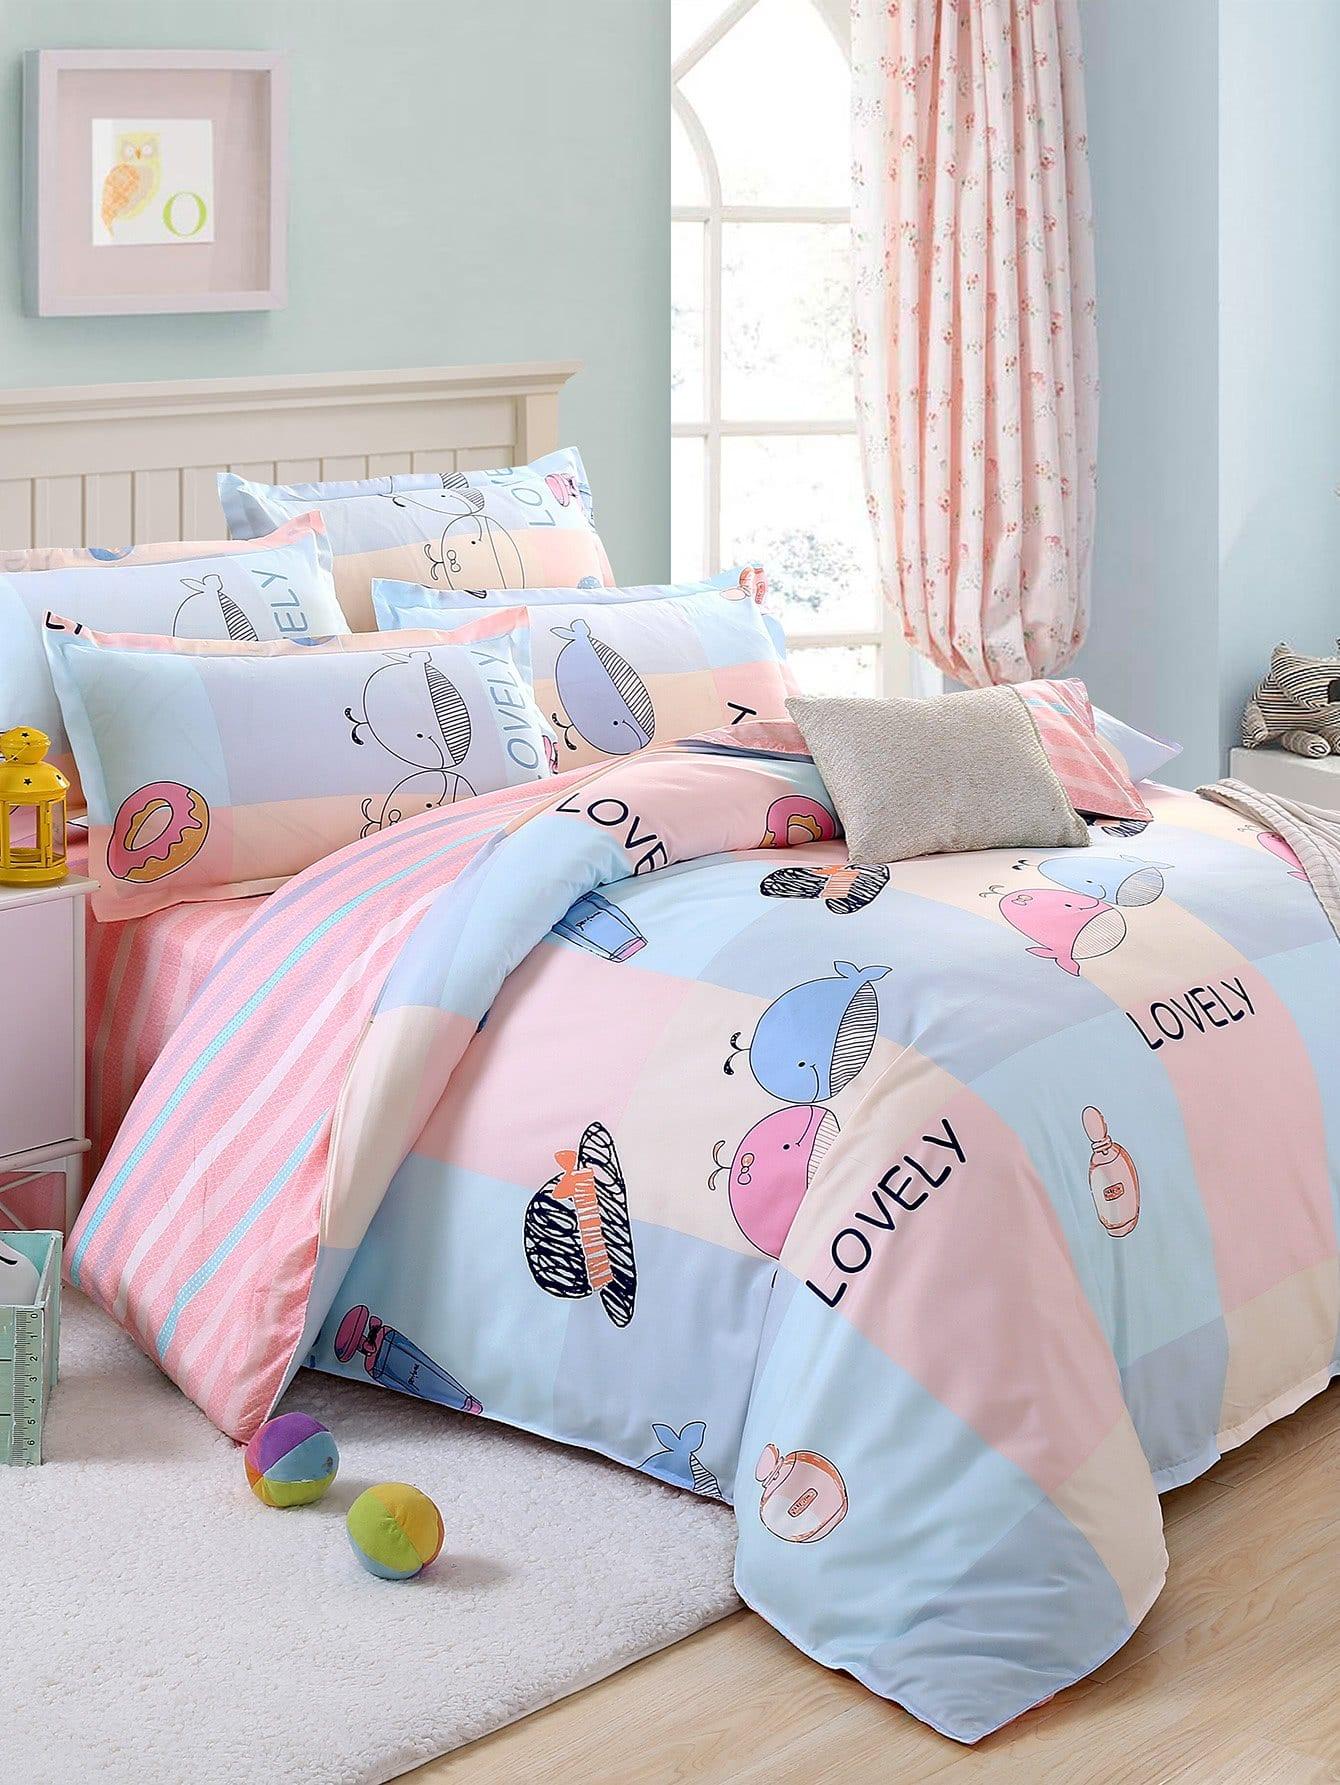 Купить Комплект для кровати с принтом мультики, null, SheIn